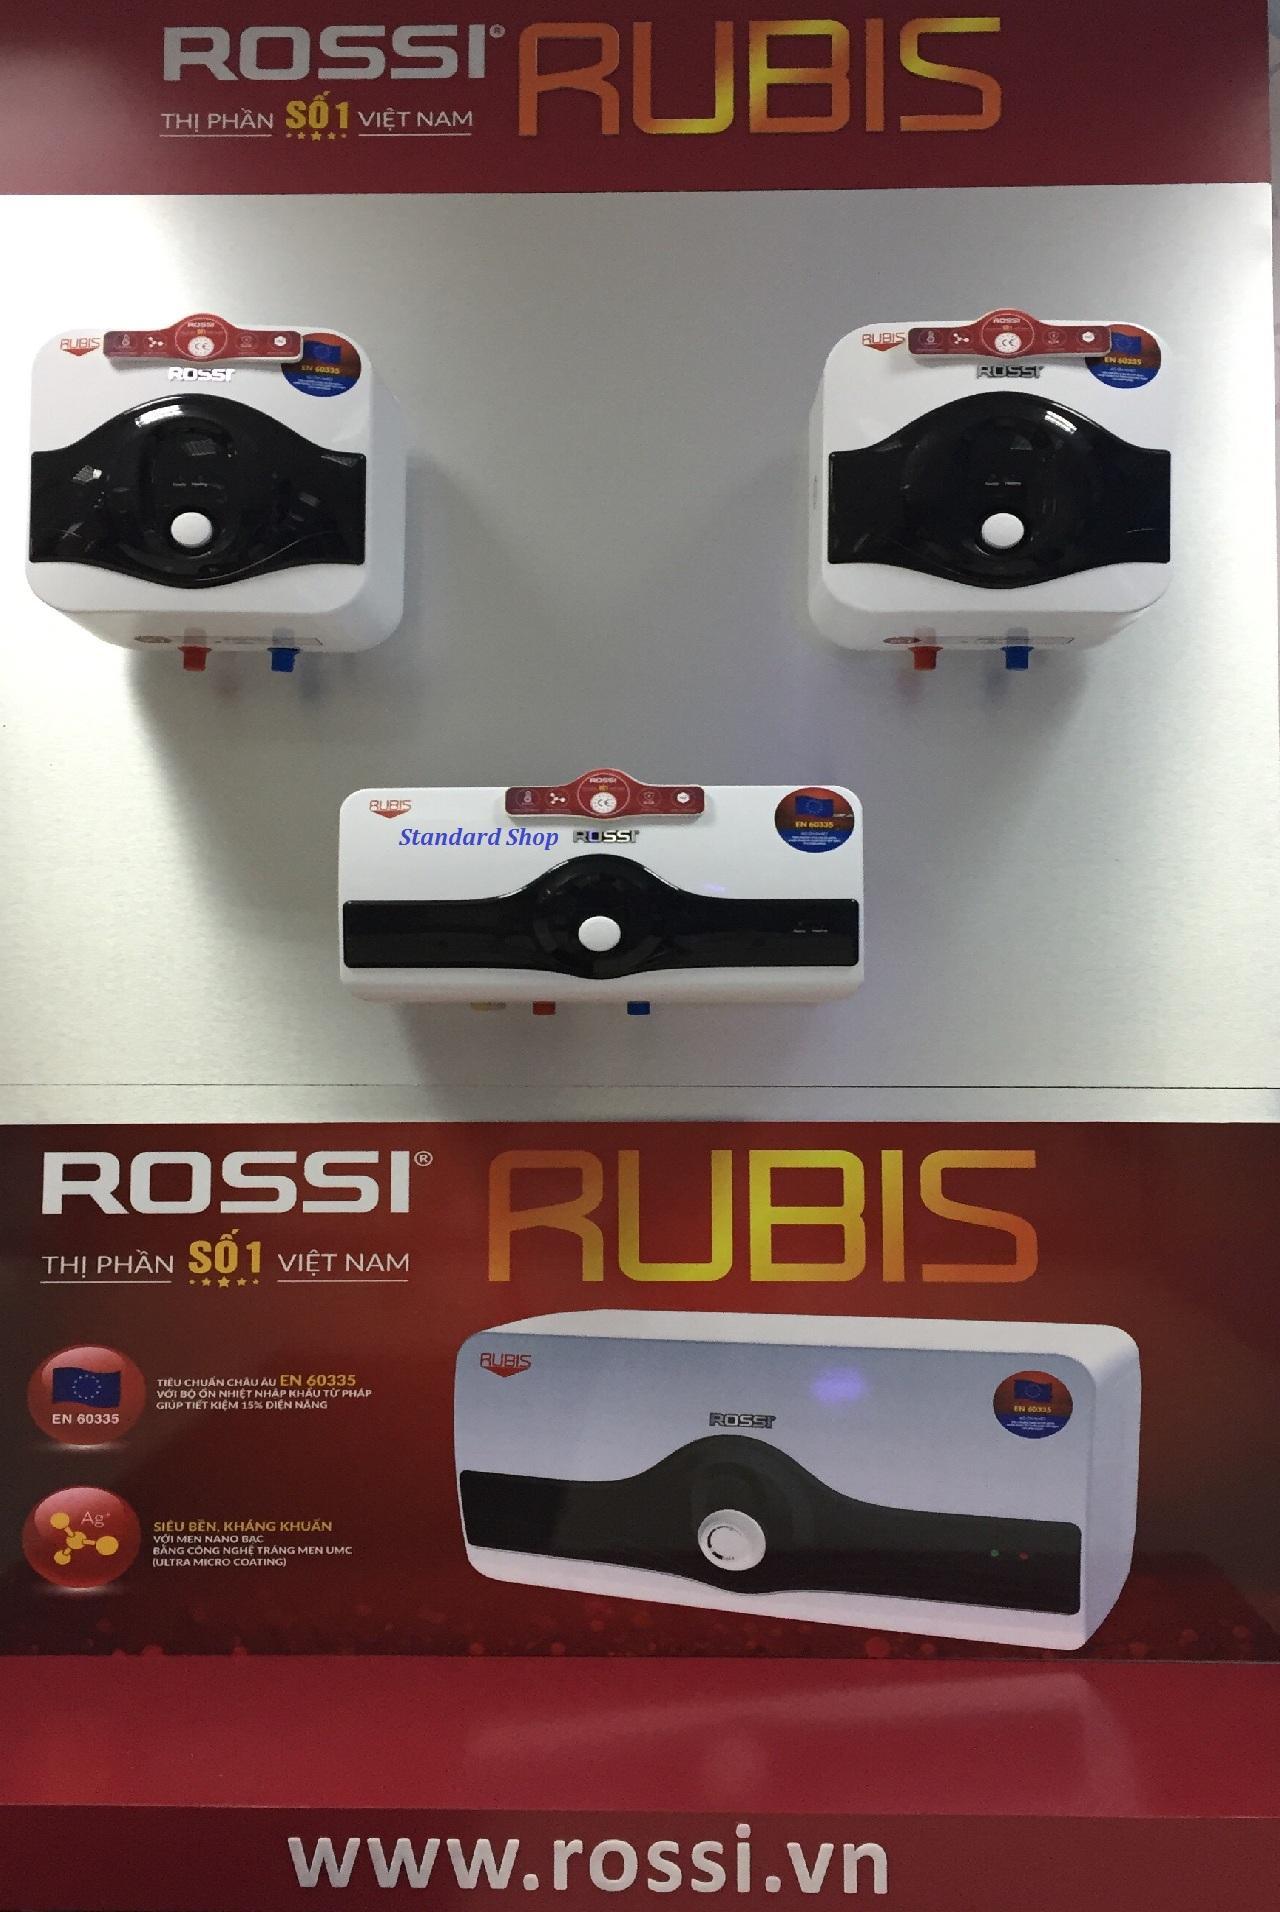 Bình nước nóng chống giật Rossi Rubis 15 lít vuông RR15SQ